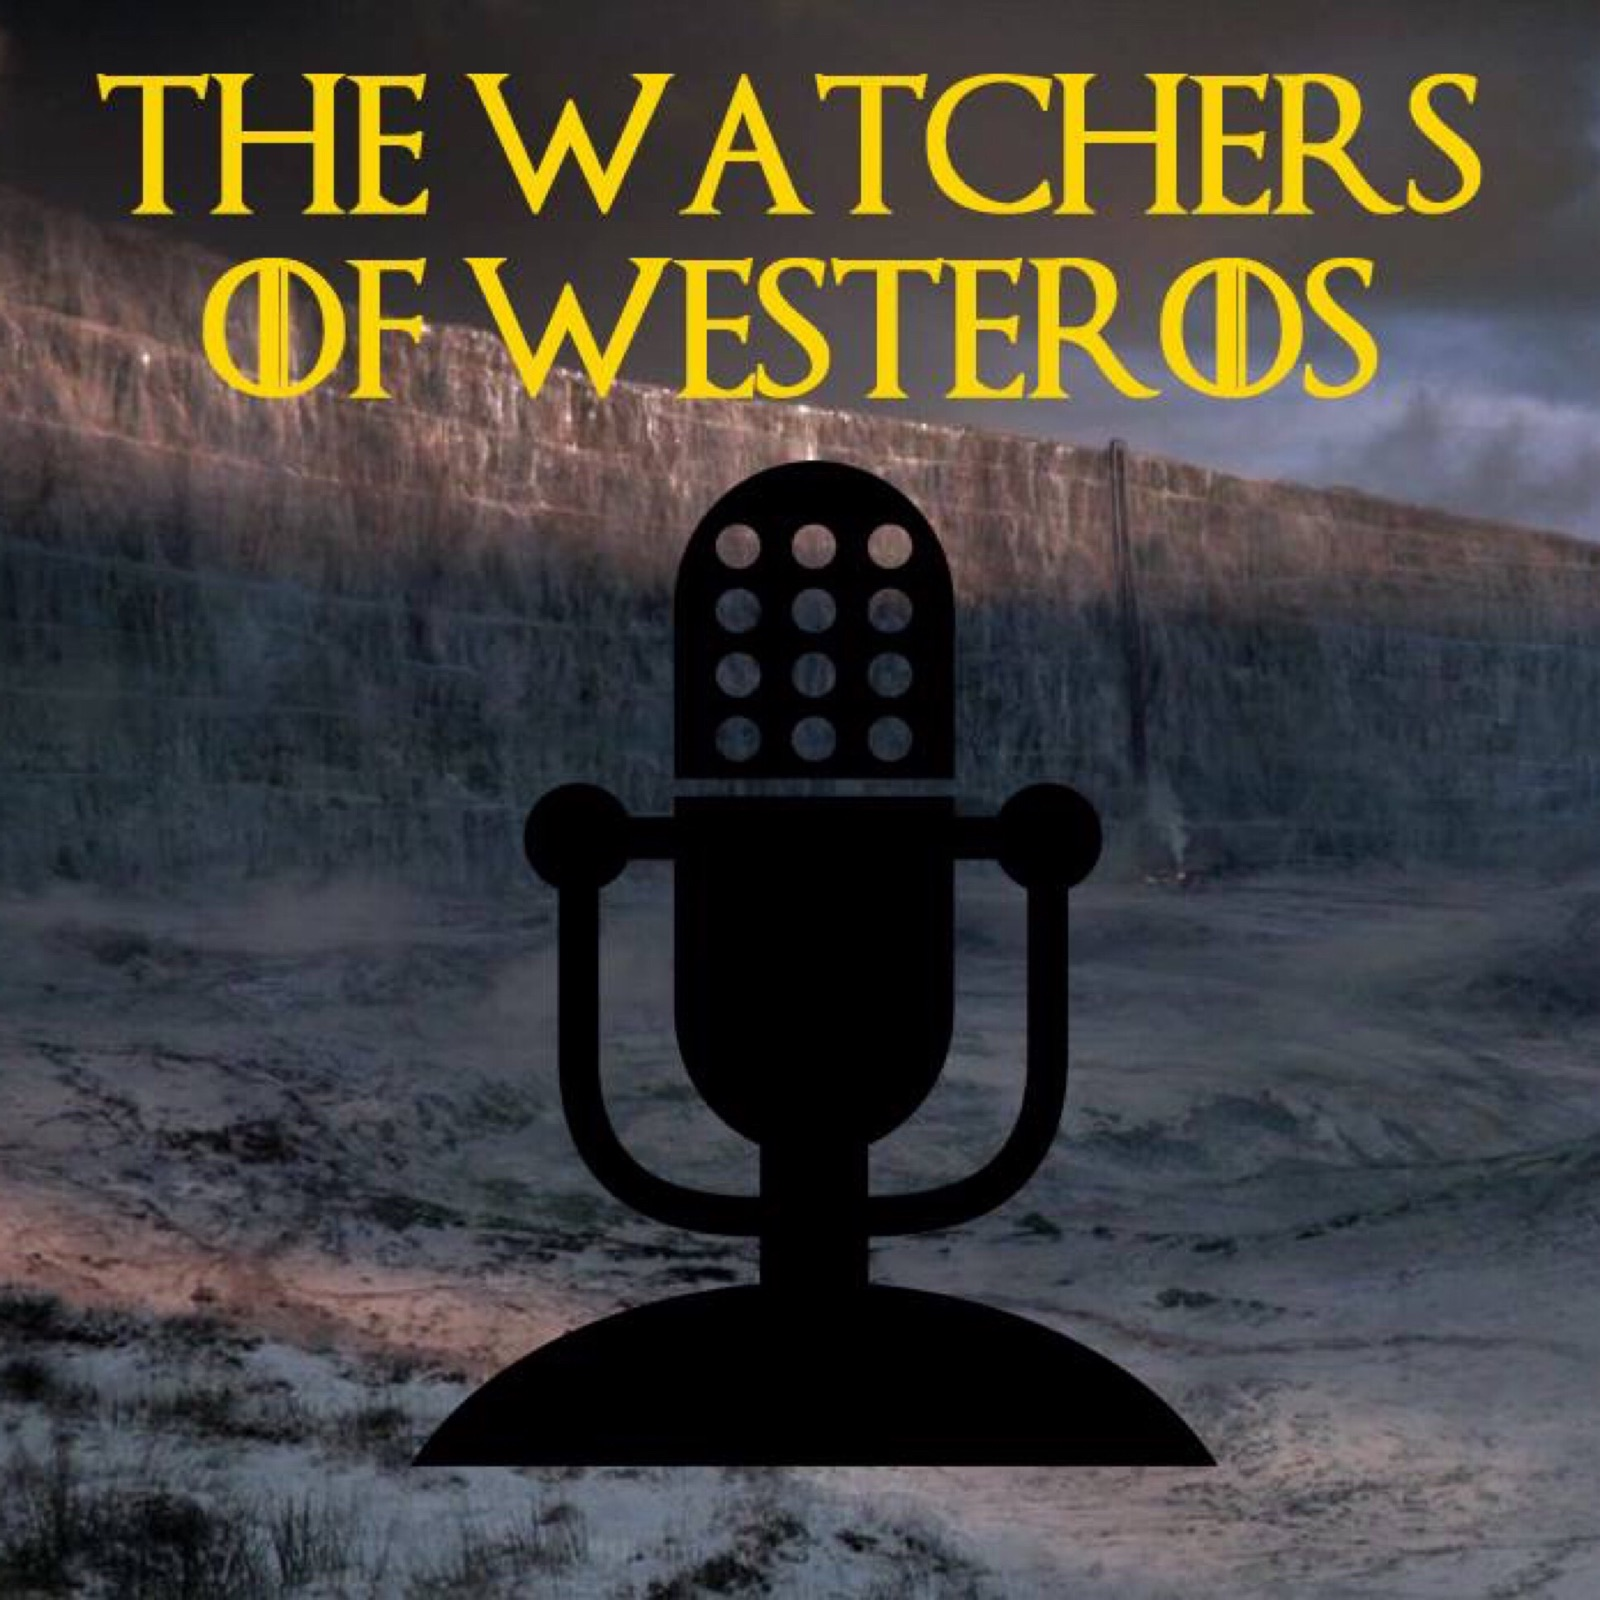 Watchers of Westeros